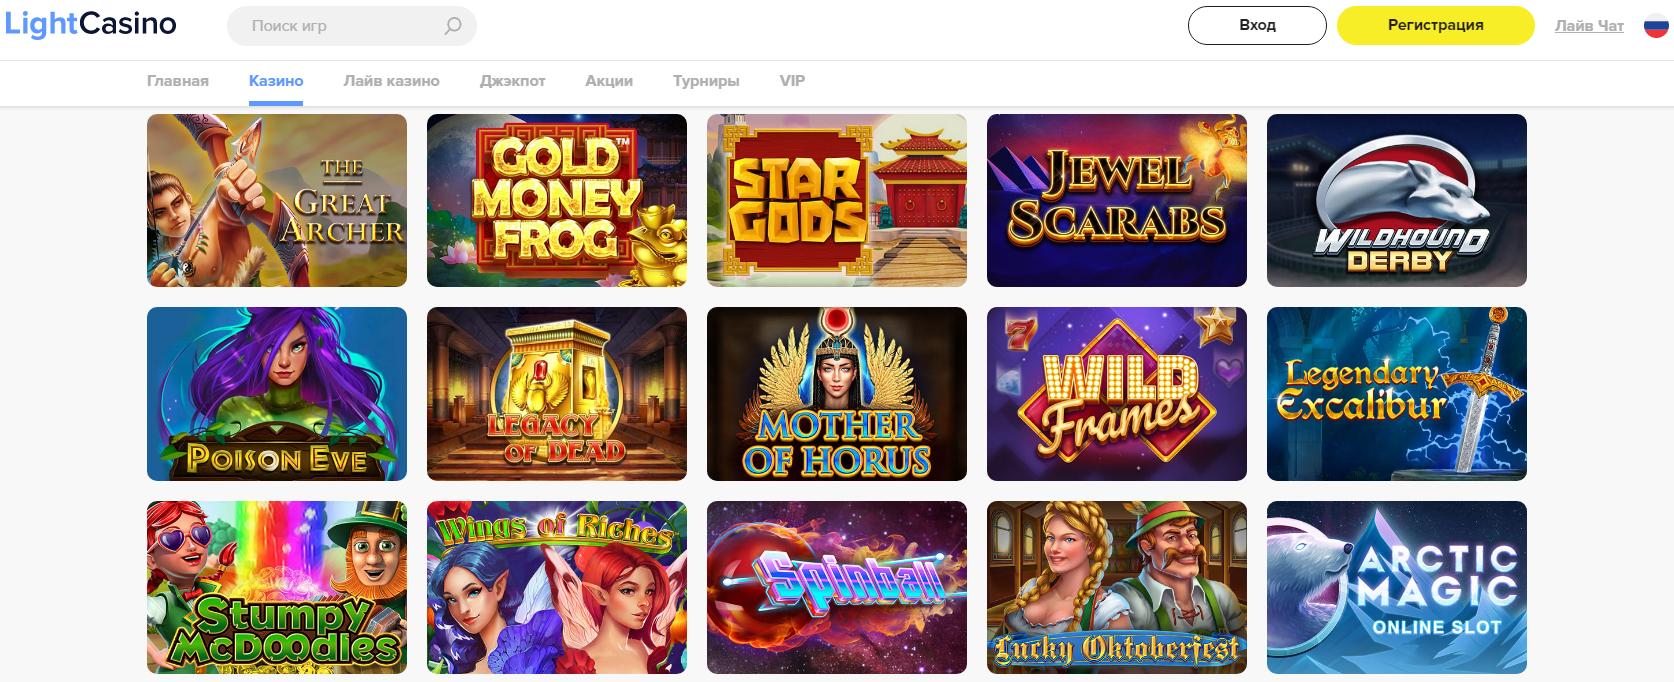 Краткая информация о казино Лайт